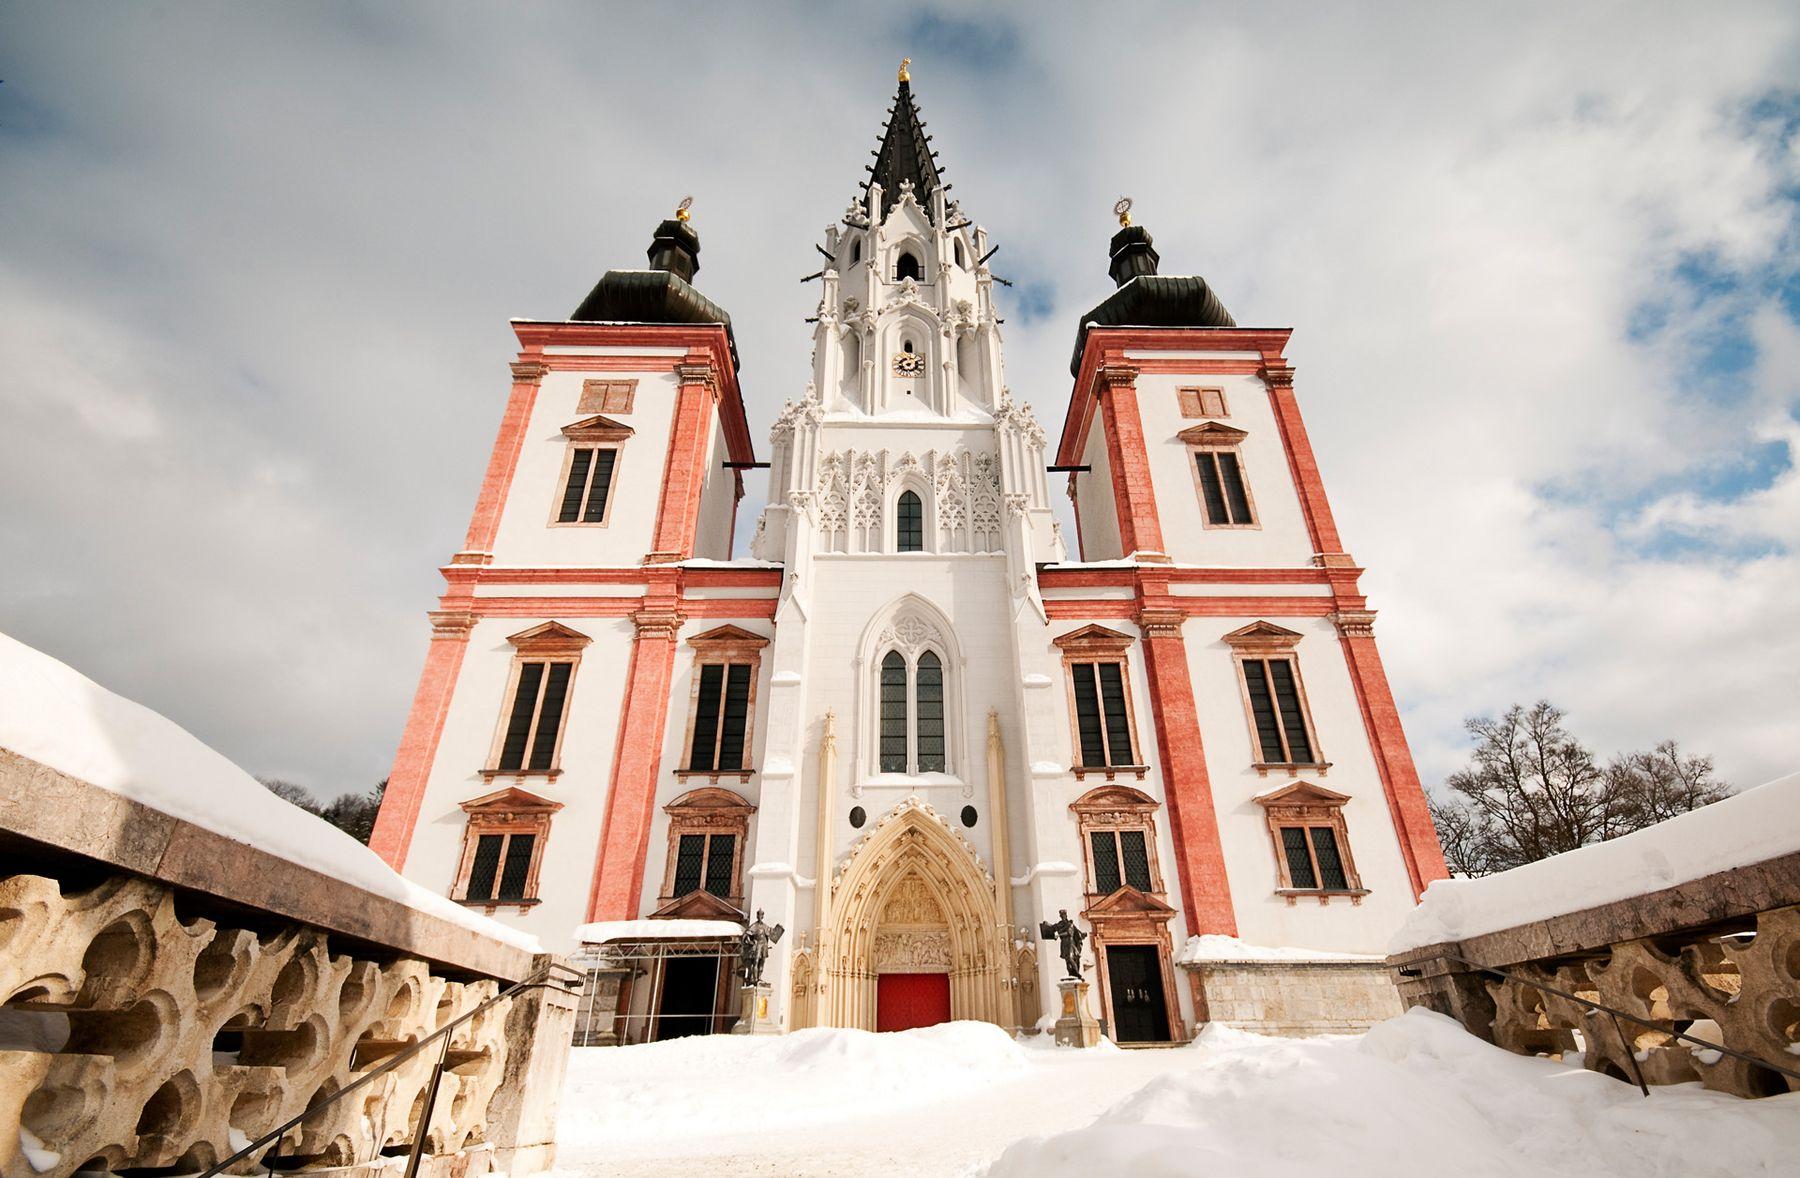 Schneetreiben im Wallfahrtsort Mariazell